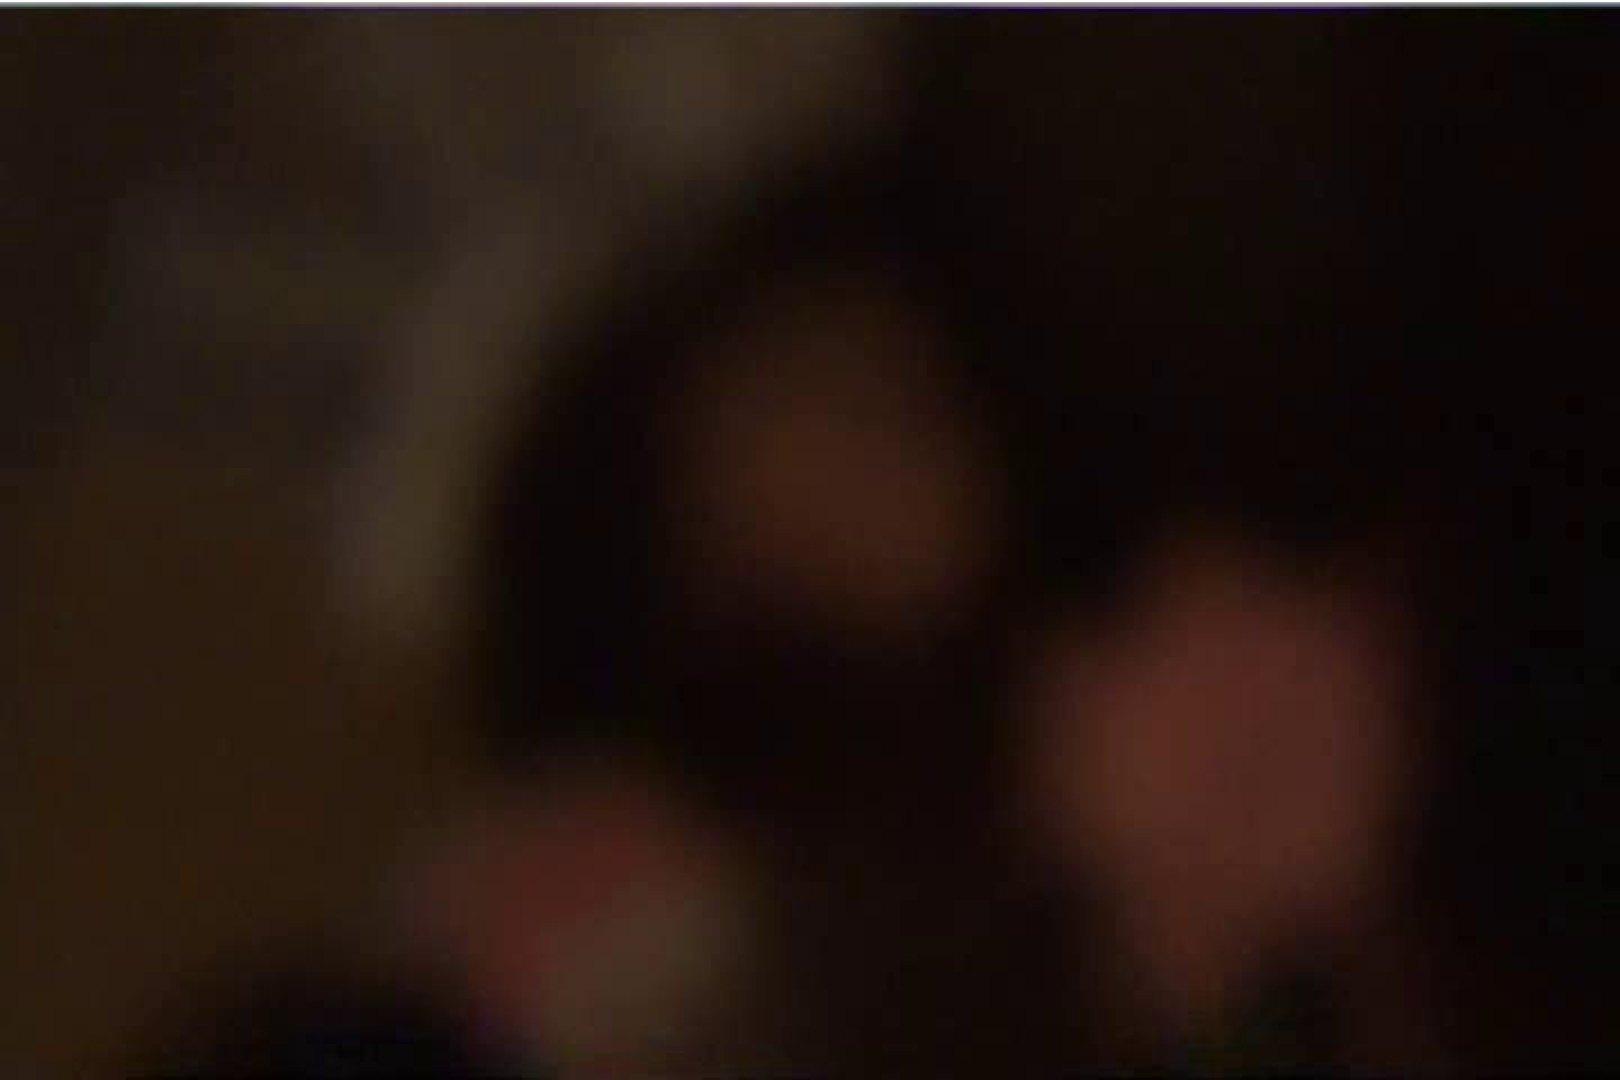 独占配信! ●罪証拠DVD 起きません! vol.06 OLエロ画像 盗撮セックス無修正動画無料 74PICs 66